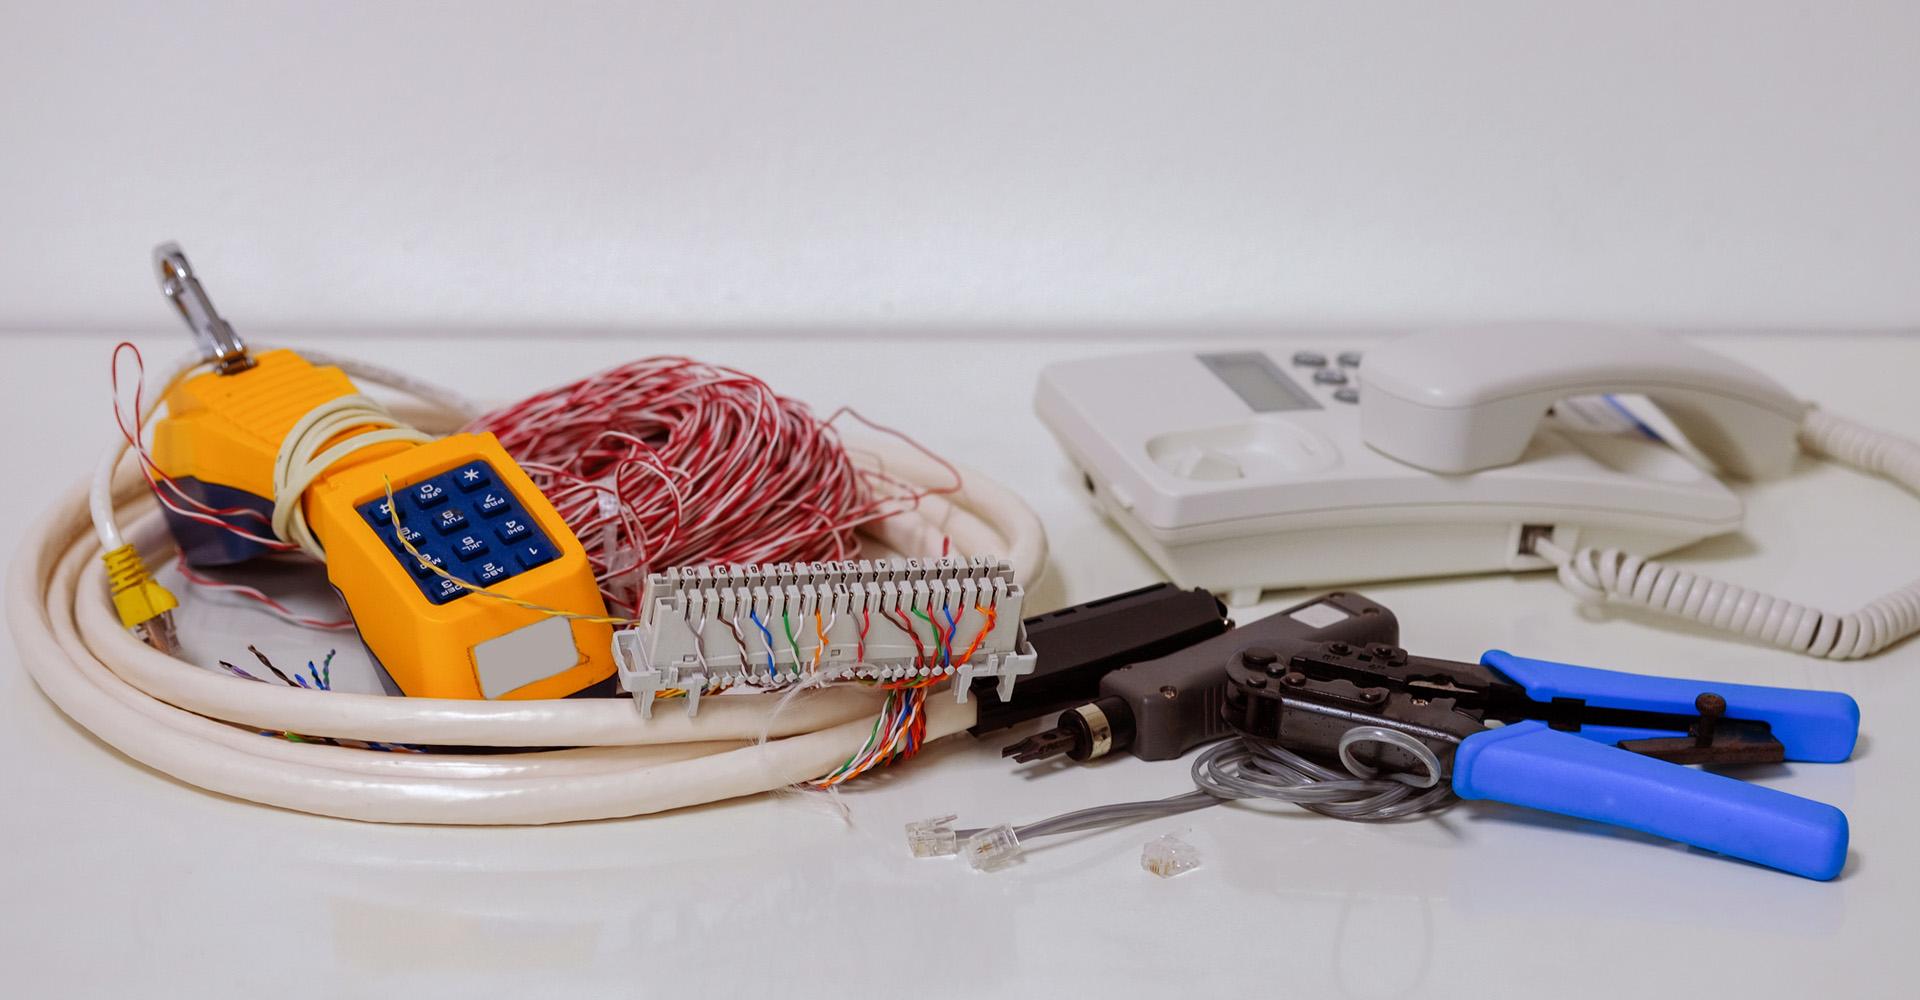 Testgerät. Telefonkabel, Crimpzange und ein altes Telefon